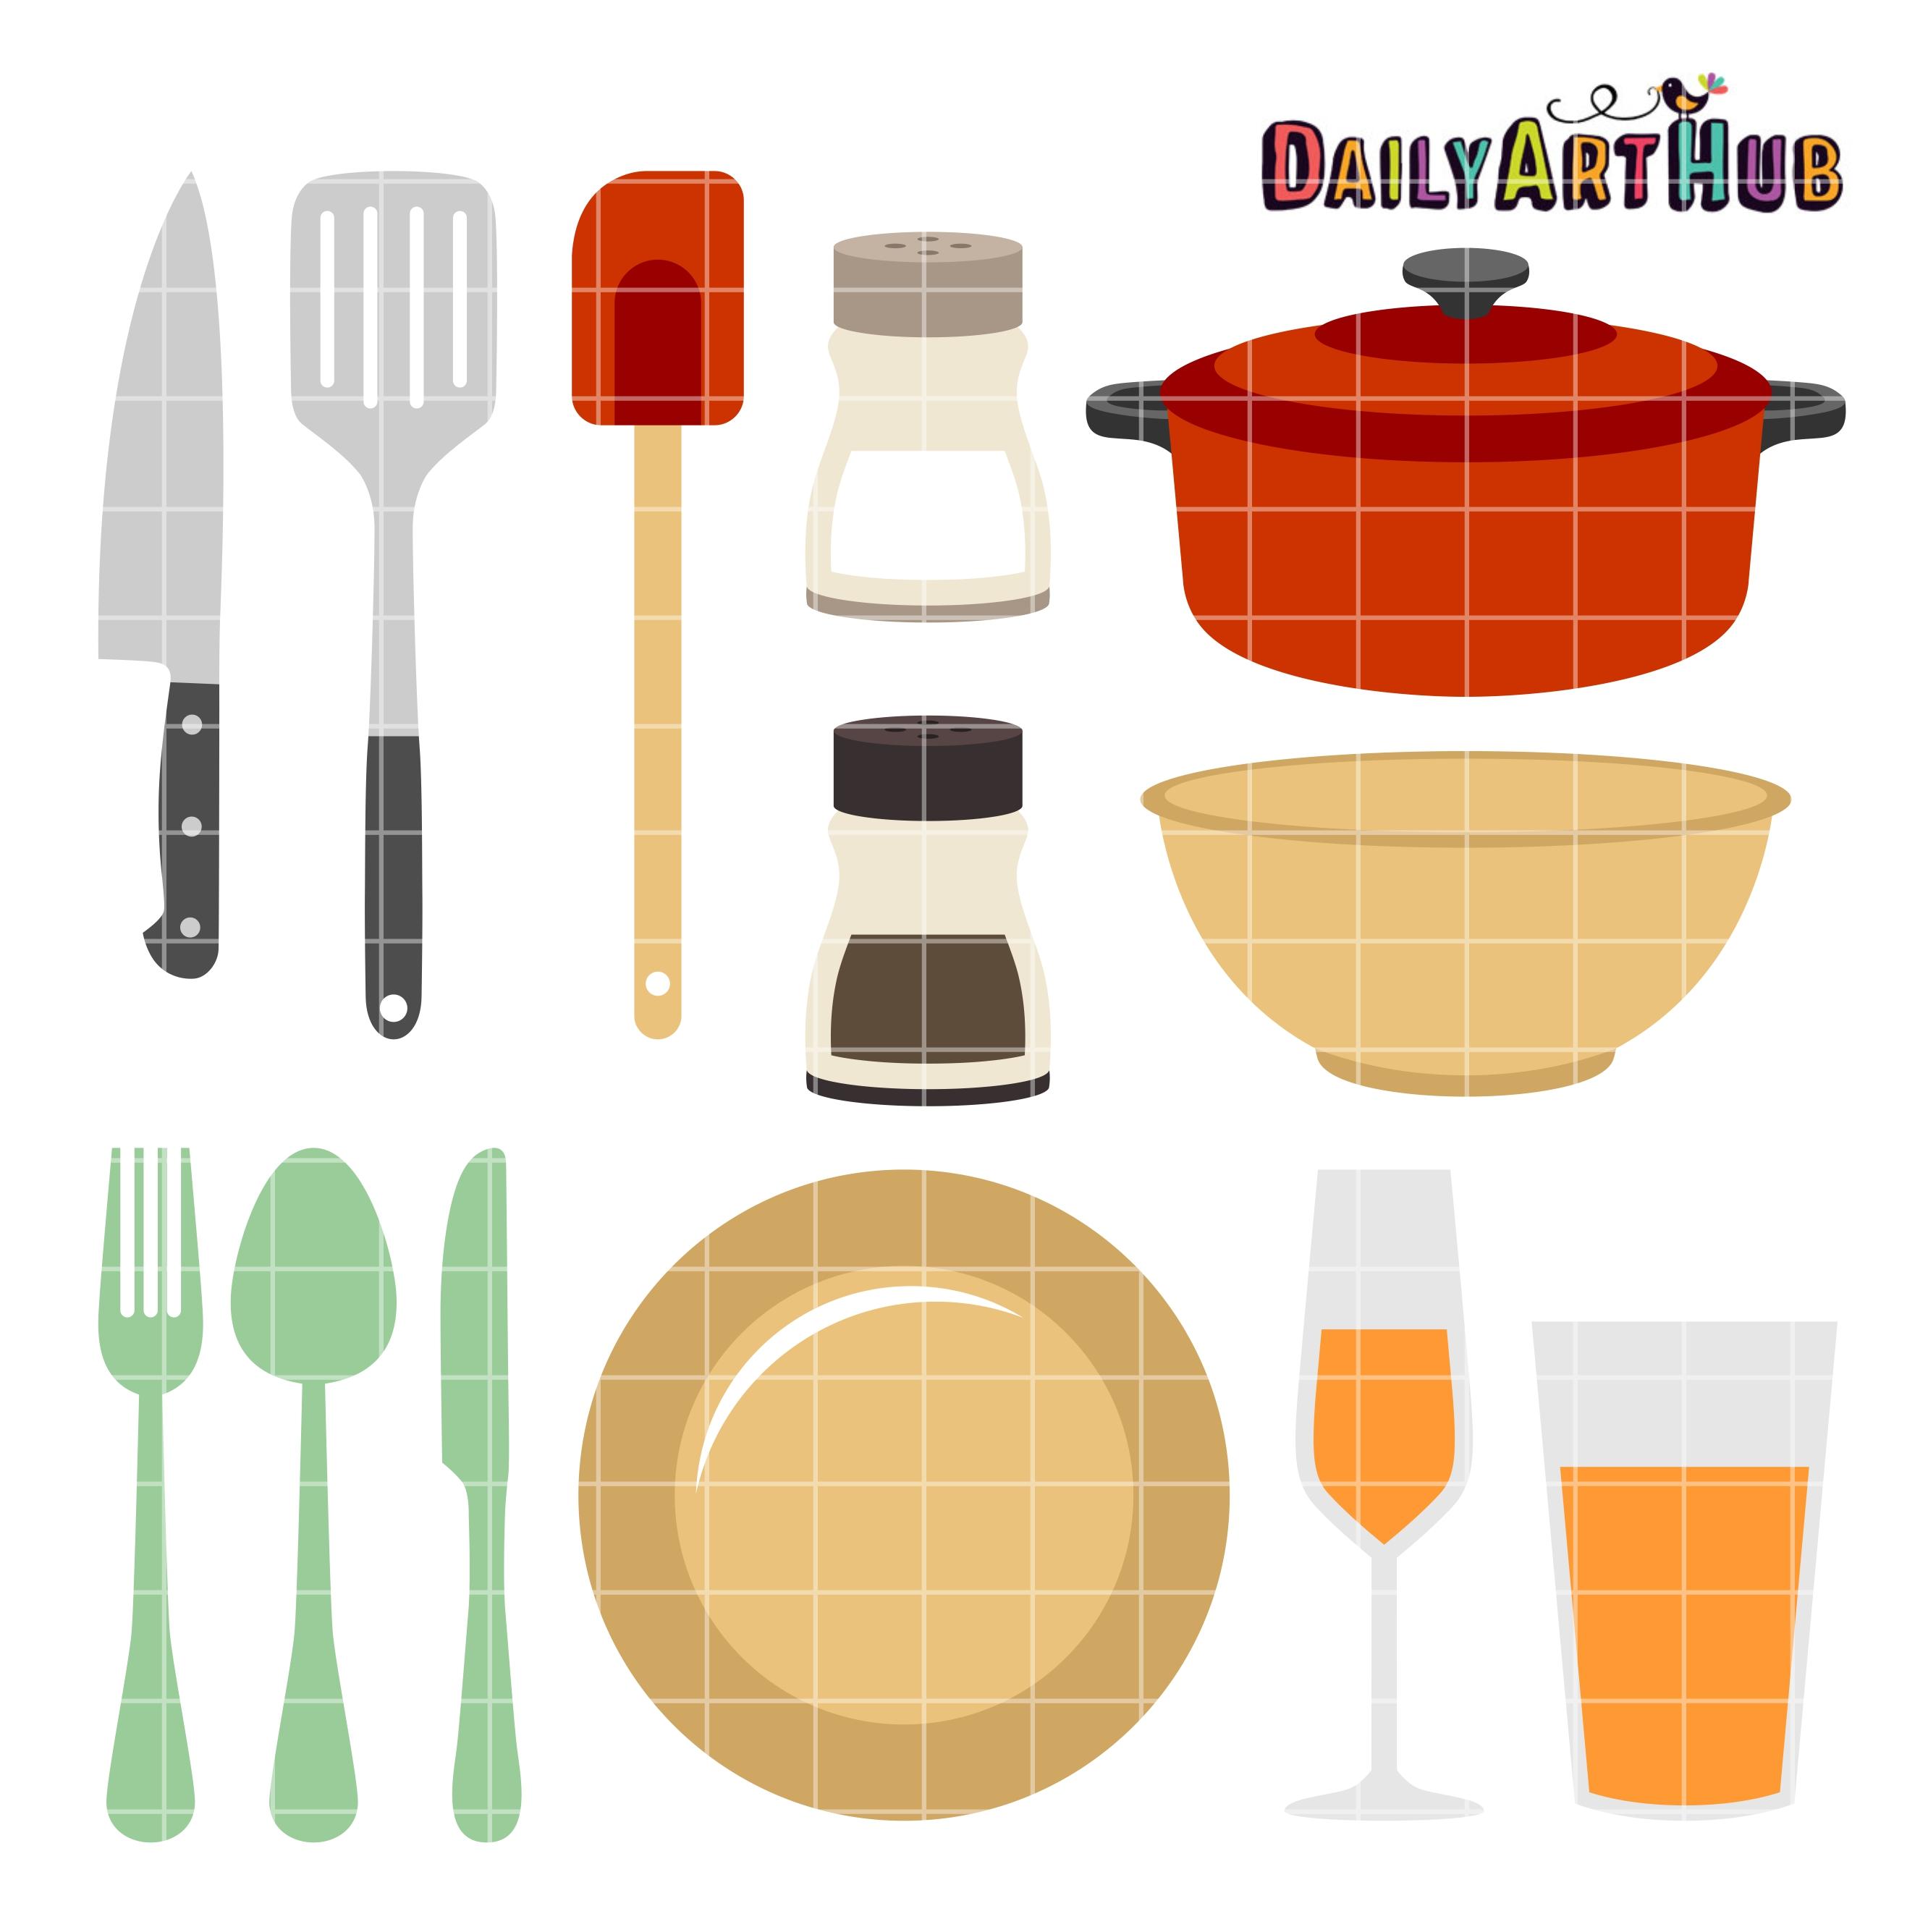 2664x2670 Kitchen Things Clip Art Set Daily Art Hub